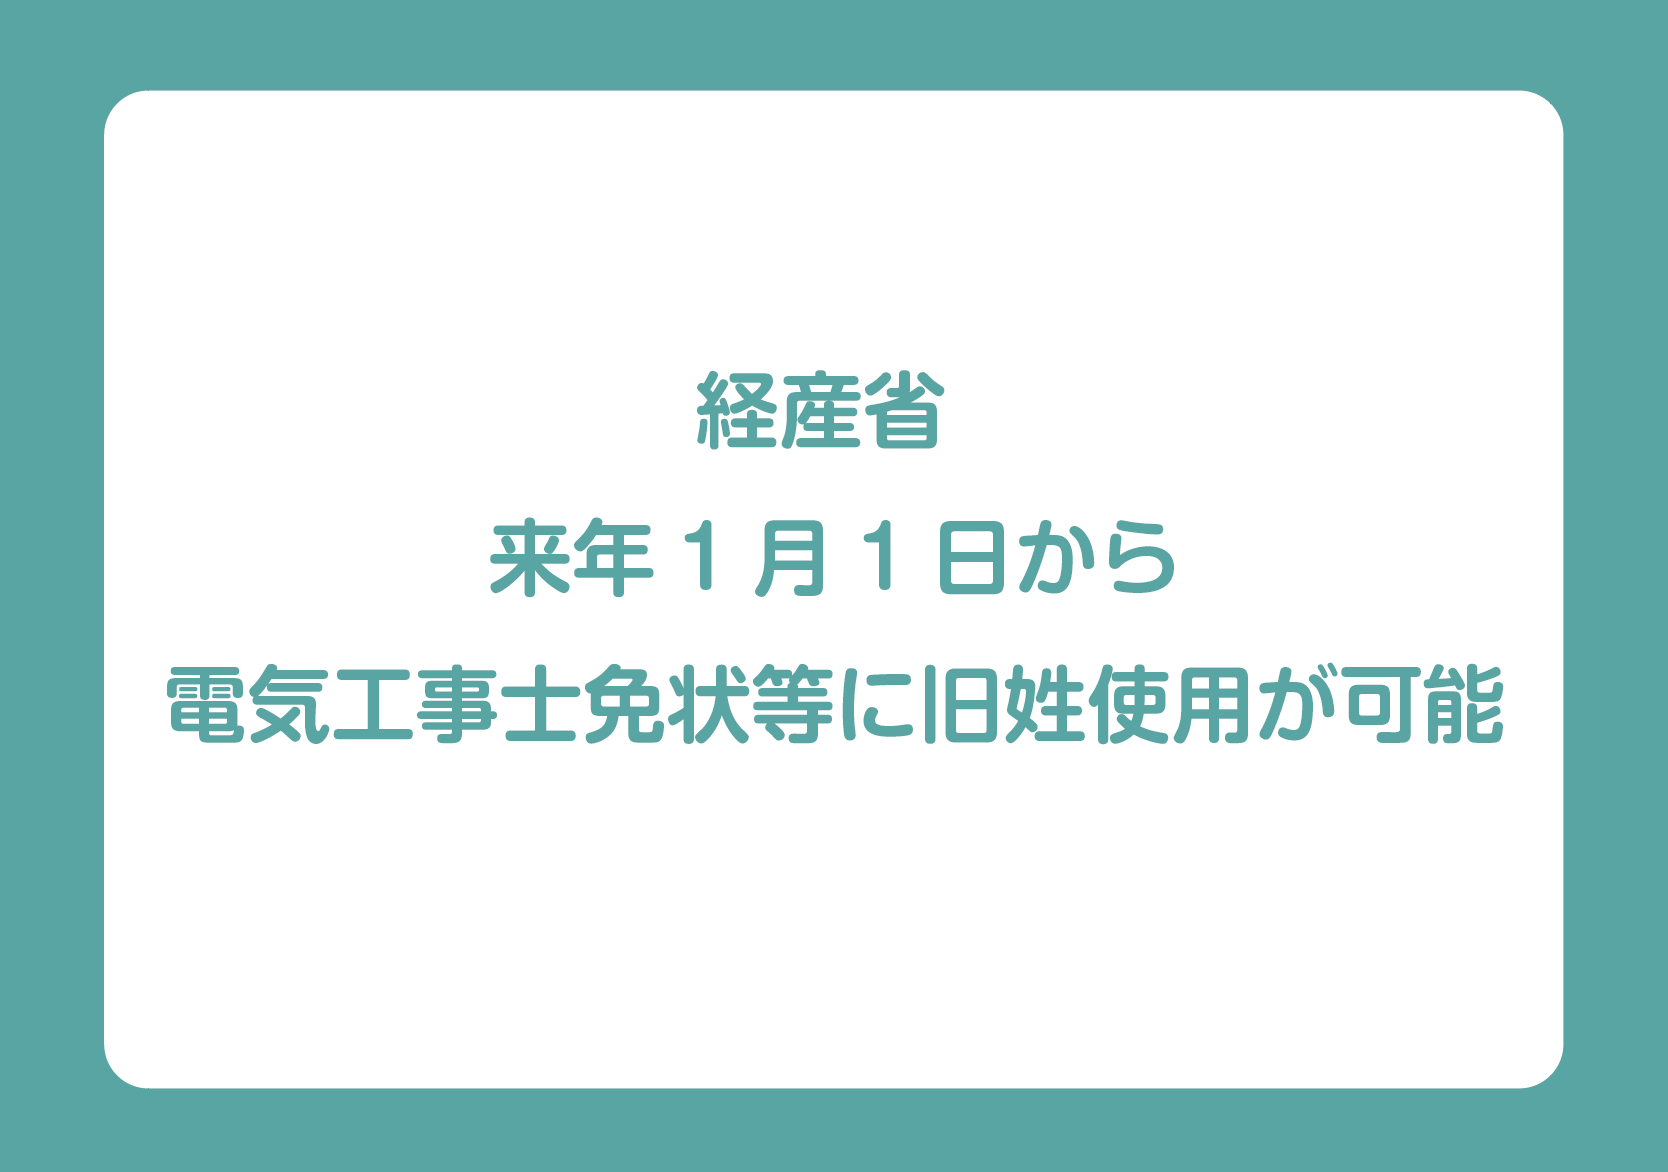 経産省 来年1月1日から電気工事士免状等に旧姓使用が可能の画像